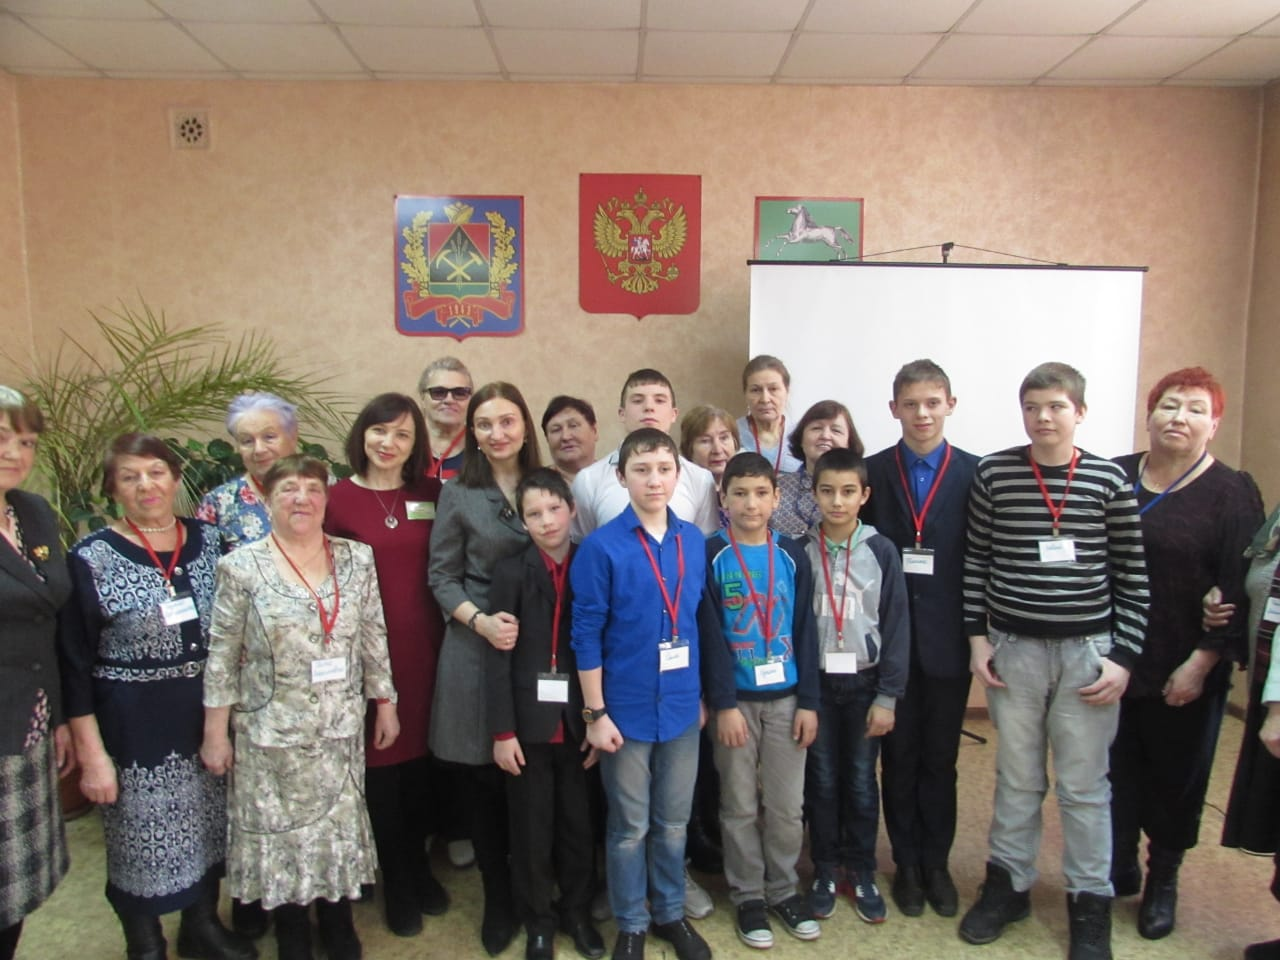 «Два поколения: точки контакта». Мероприятия, посвященные 75-летию Победы в Великой Отечественной войне.